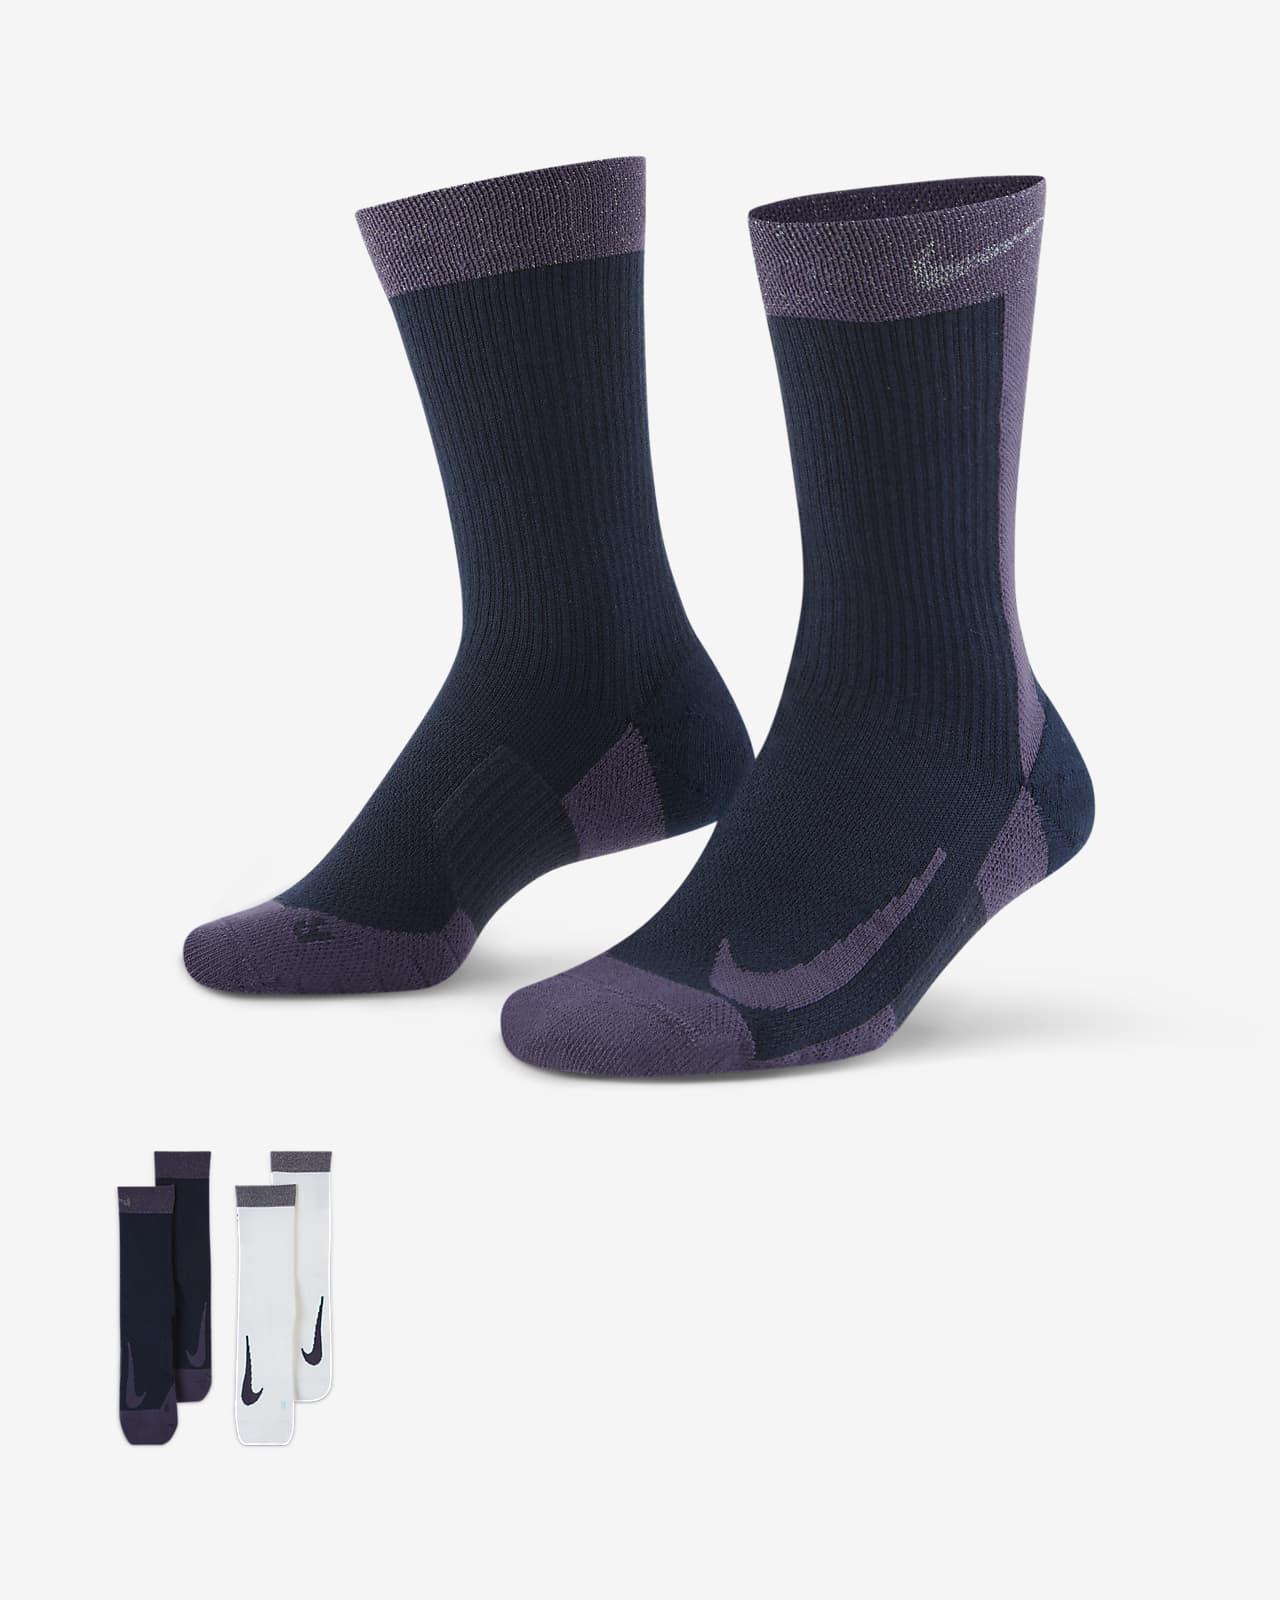 NikeCourt Multiplier Max Tennis-Crew-Socken (2 Paar)